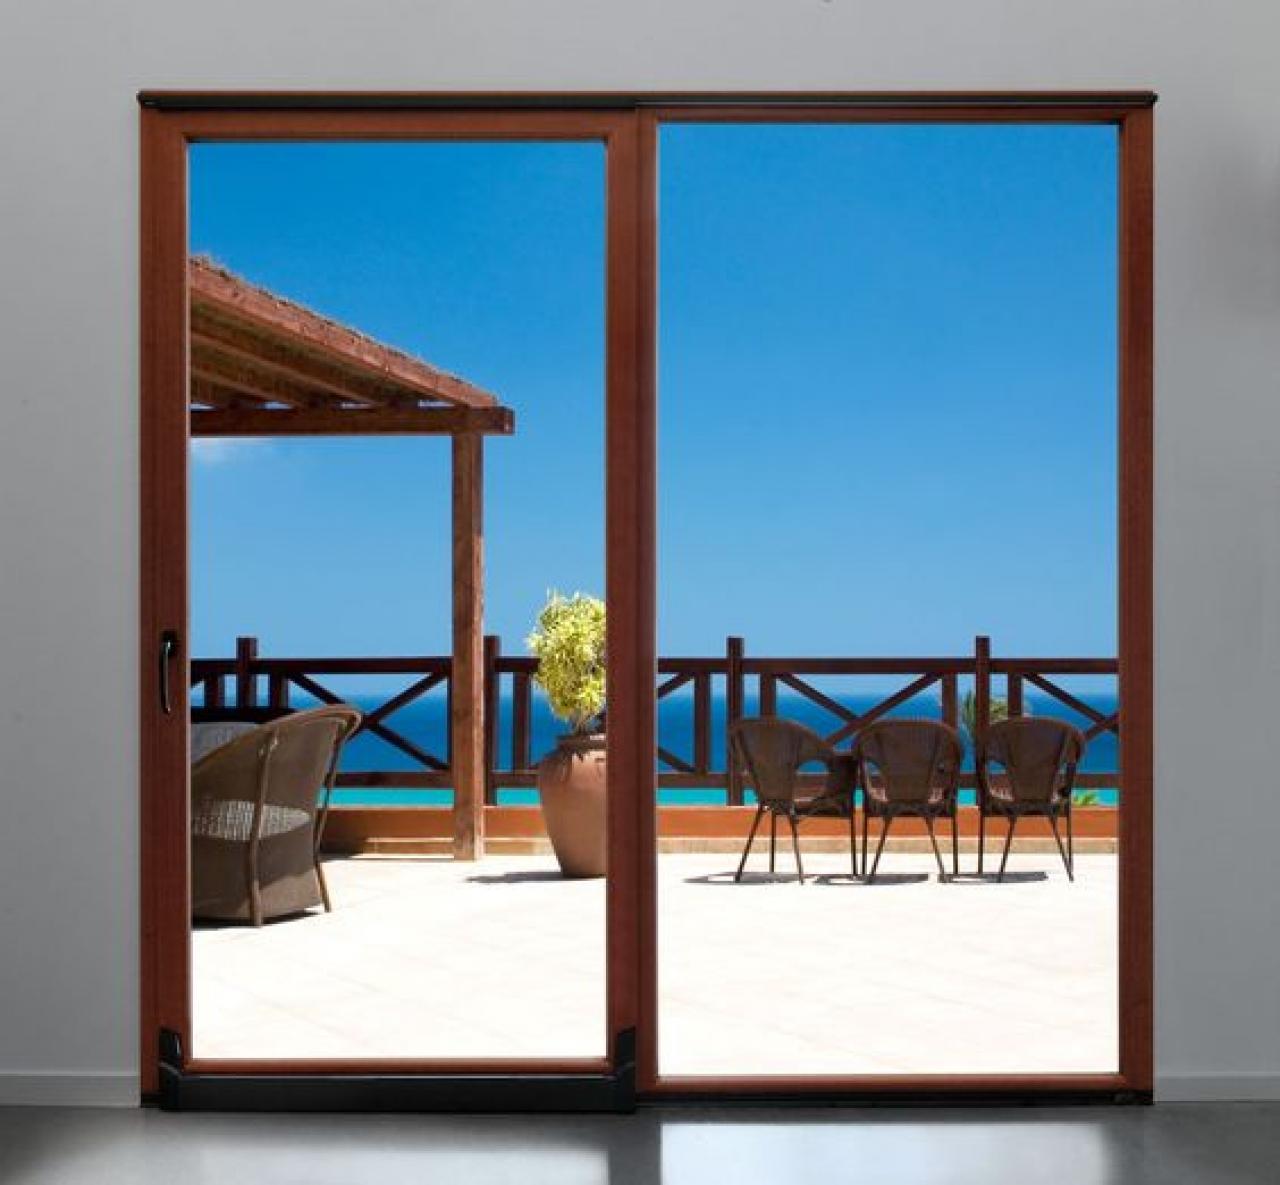 Ticinonline vantaggi e svantaggi degli infissi in pvc - Costo finestre doppi vetri ...